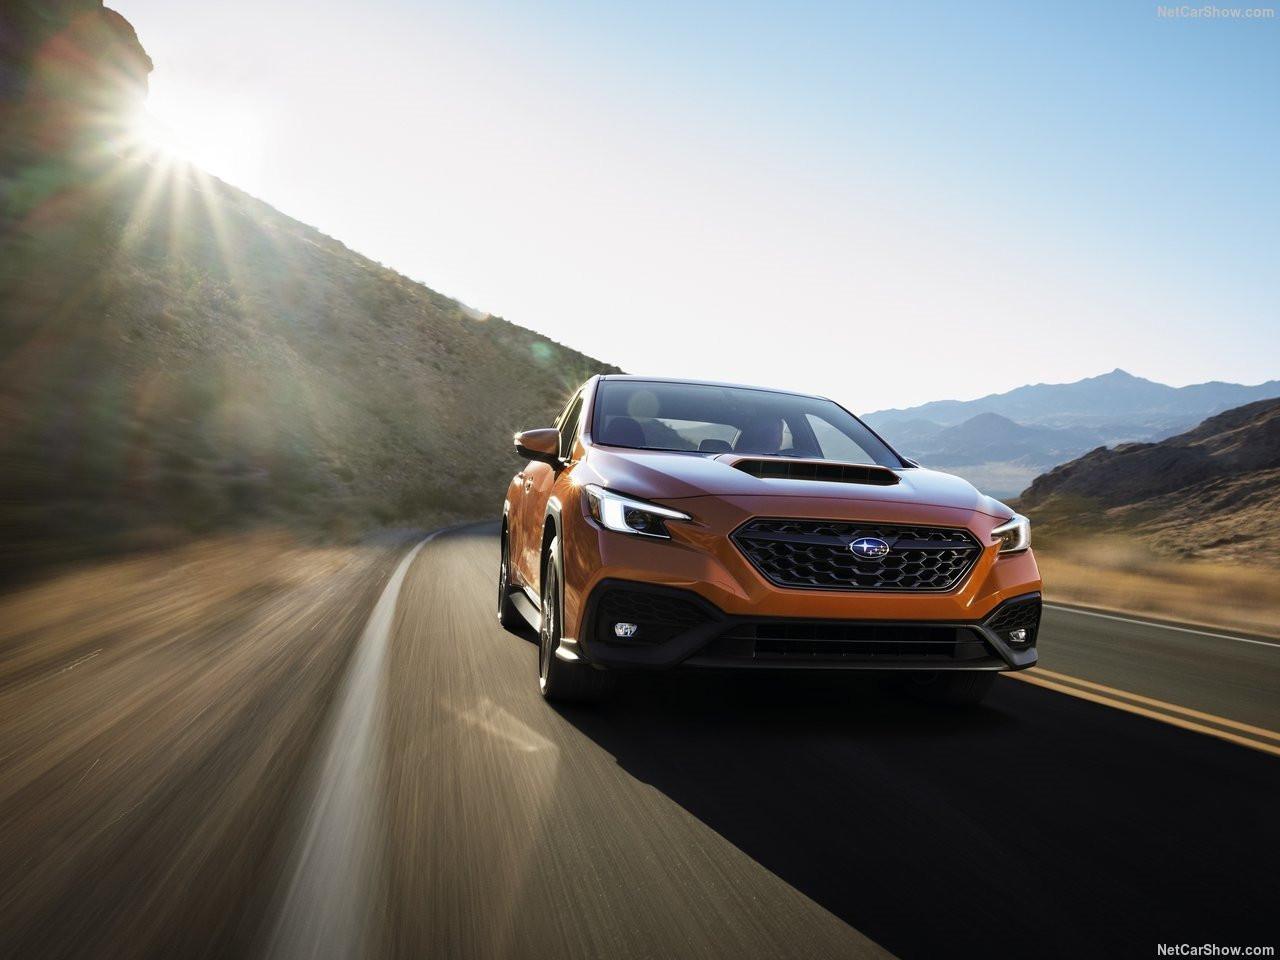 Subaru WRX yeniden doğuyor! İşte karşınızda 2022 model Subaru WRX